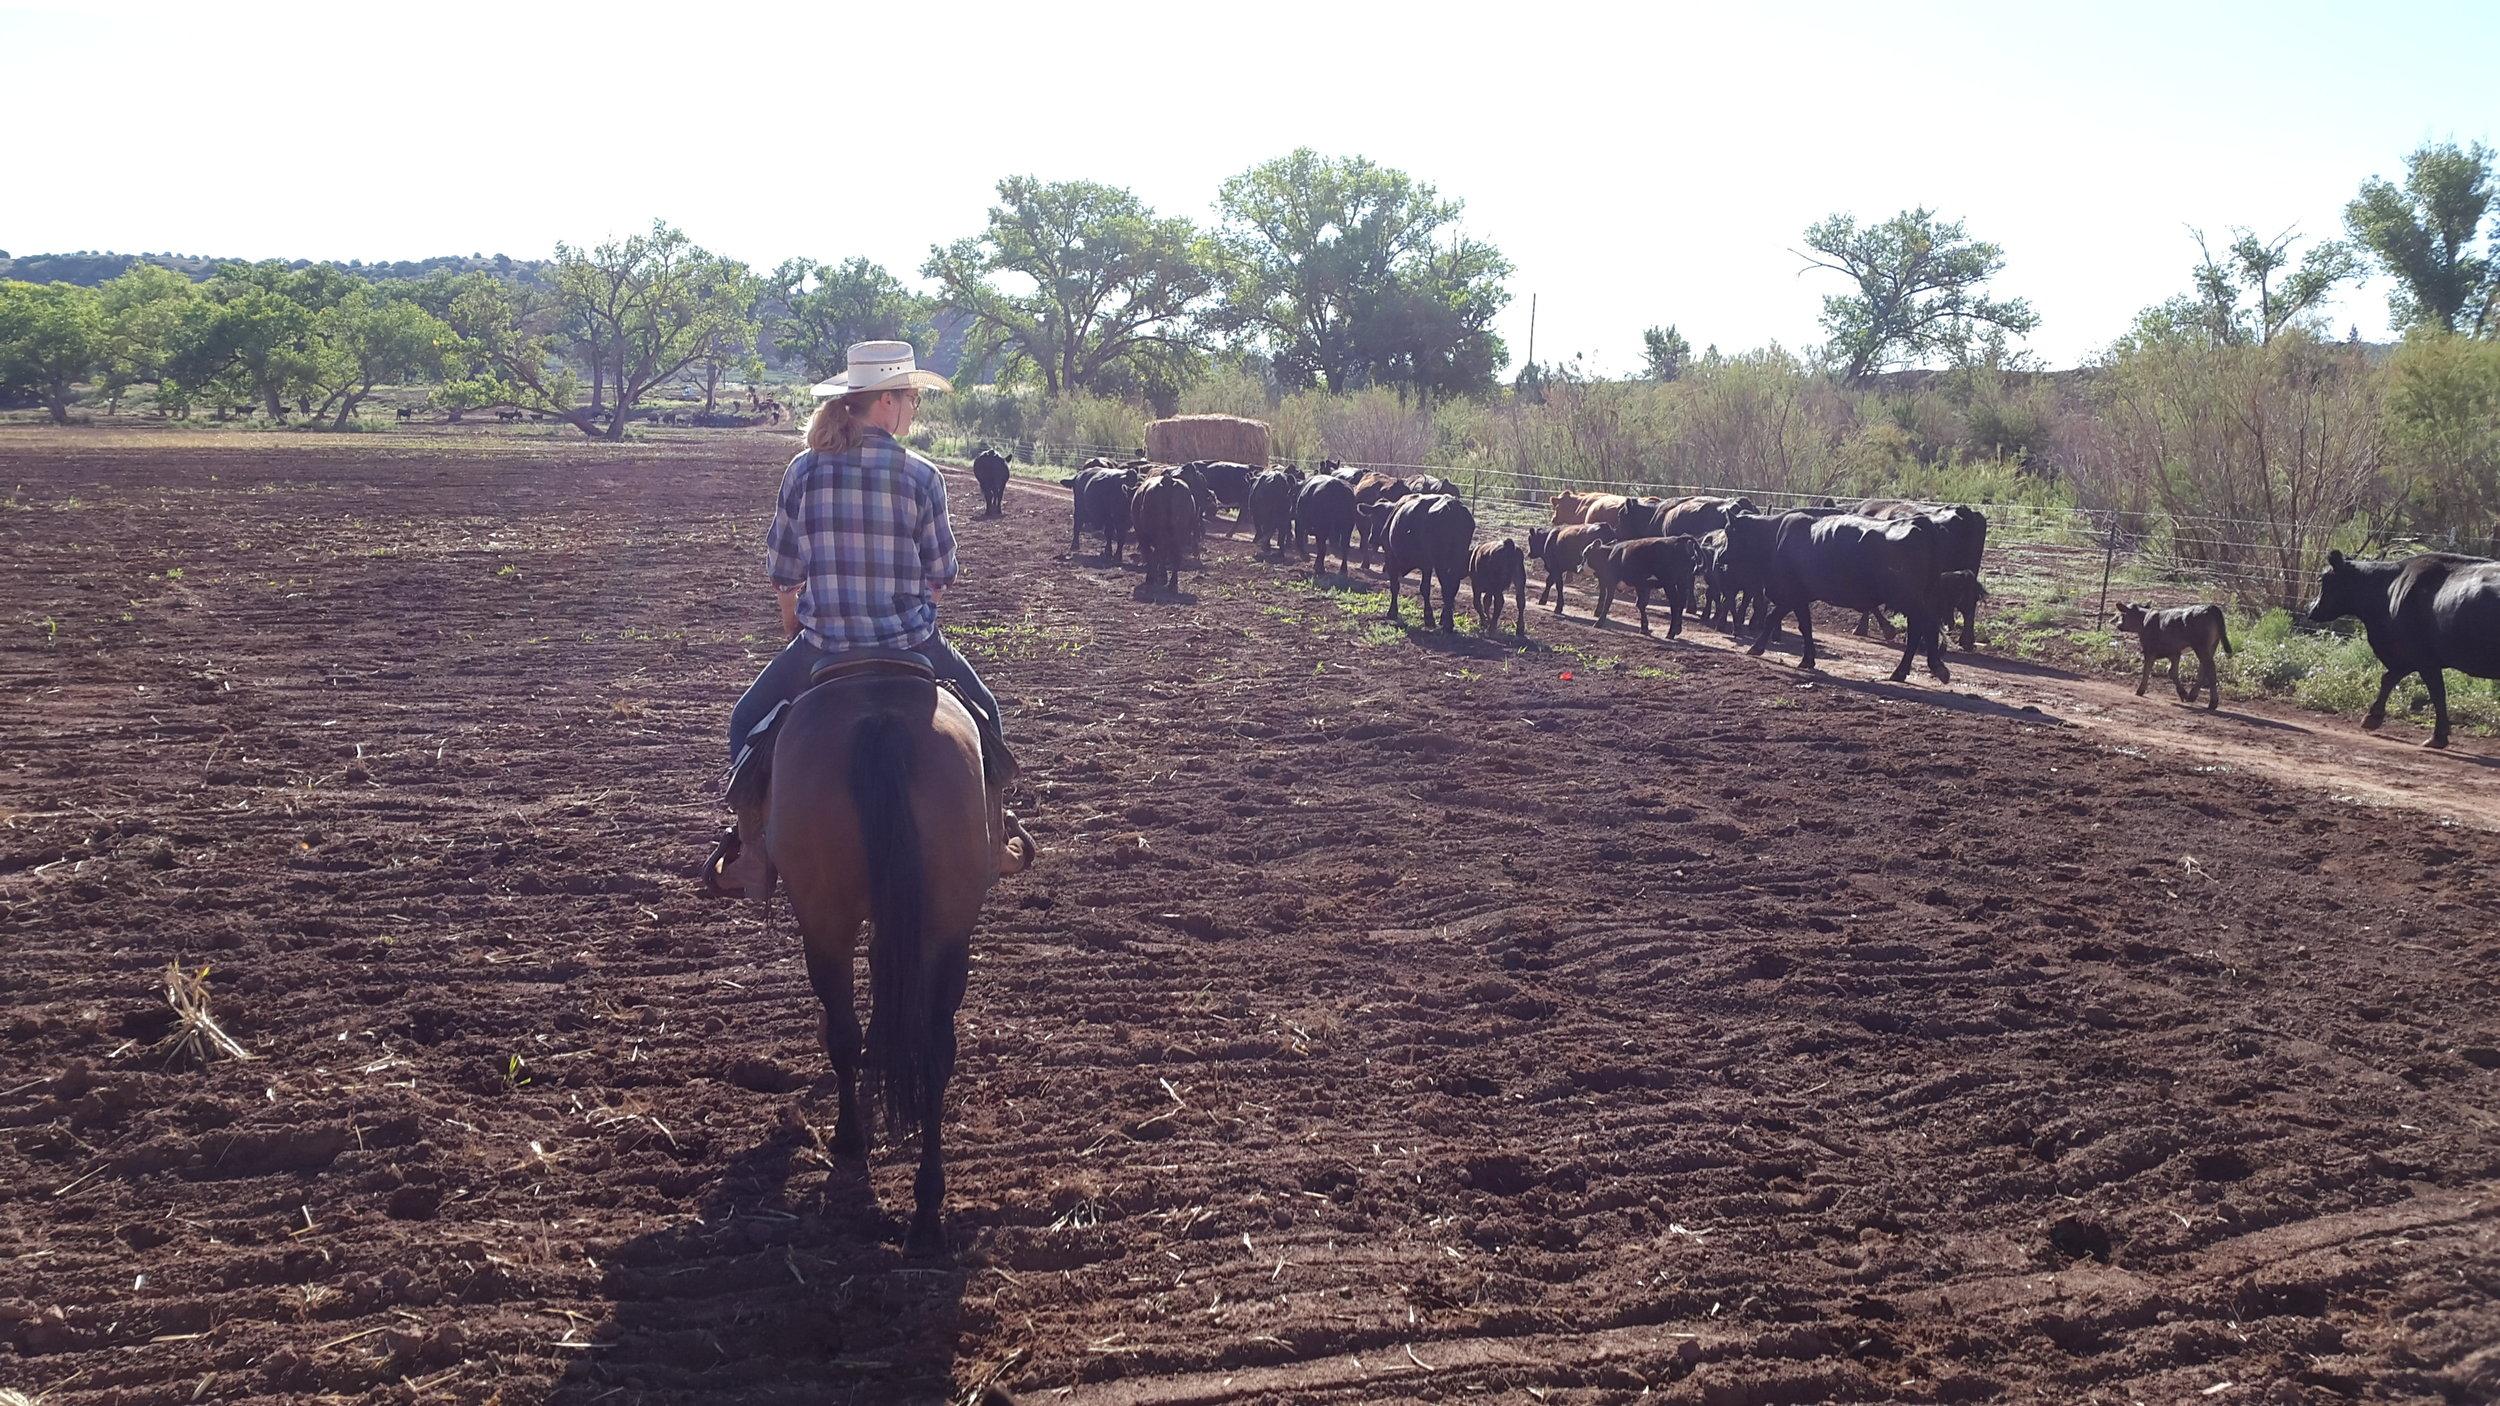 Leonie on Robin is doing a good job in keeping them against the fence.  Leonie auf Robin leisten gute Arbeit die Kühe entlang des Zauns zu halten.